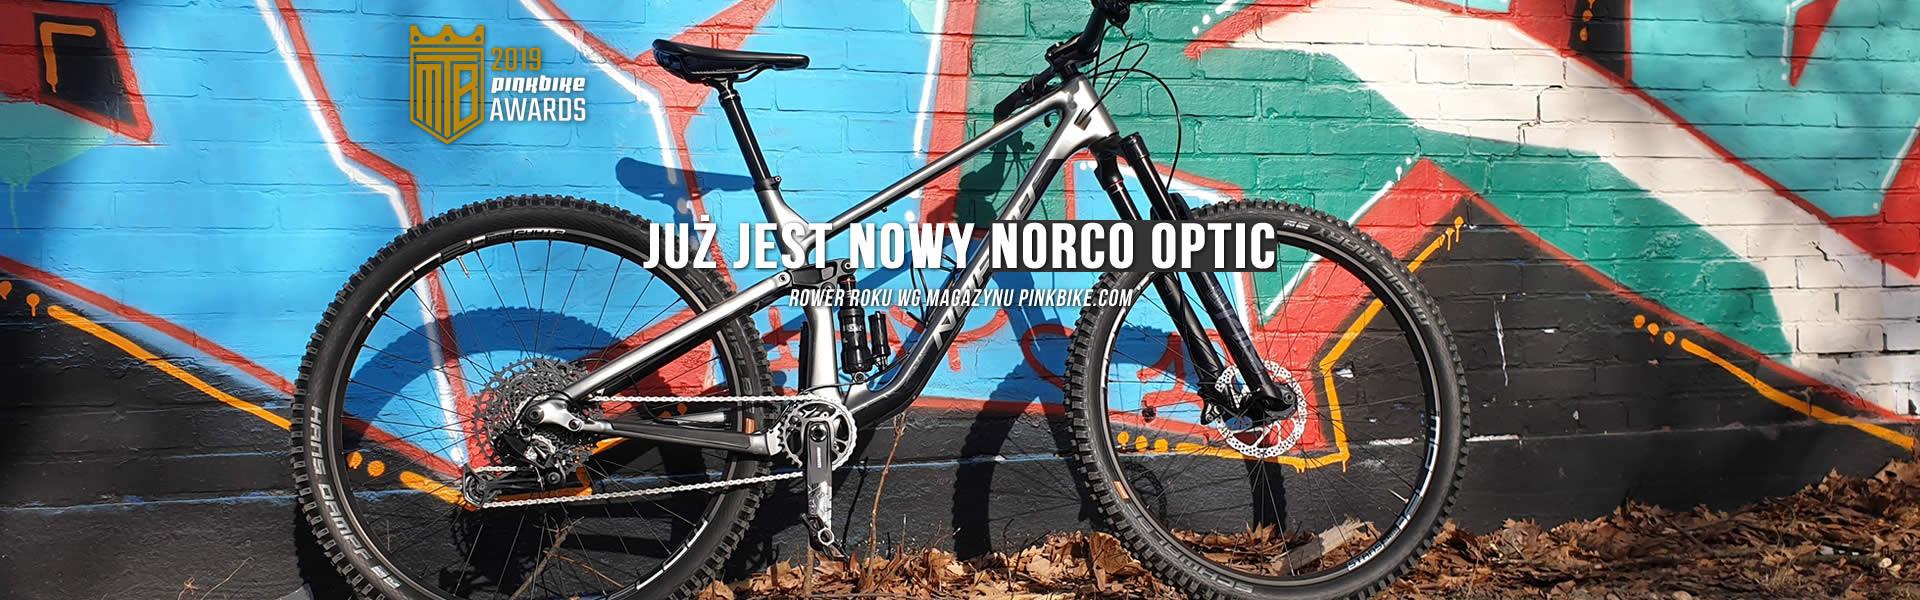 Norco Optic